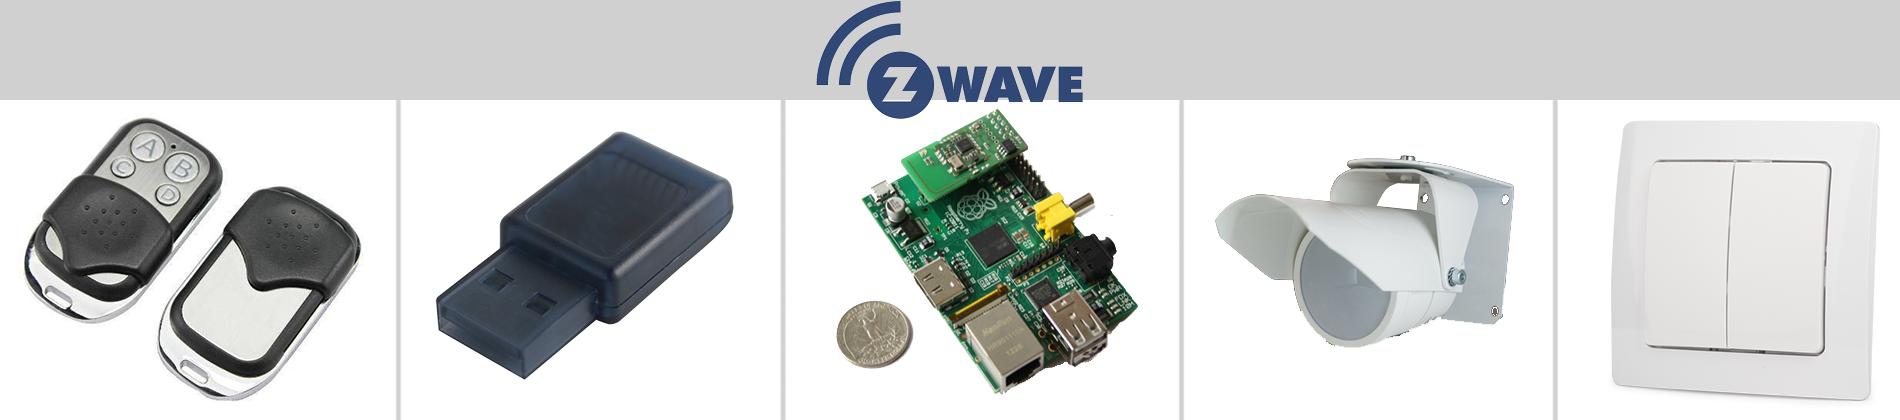 Z-Wave: надёжный протокол беспроводной связи для умных домов - 1